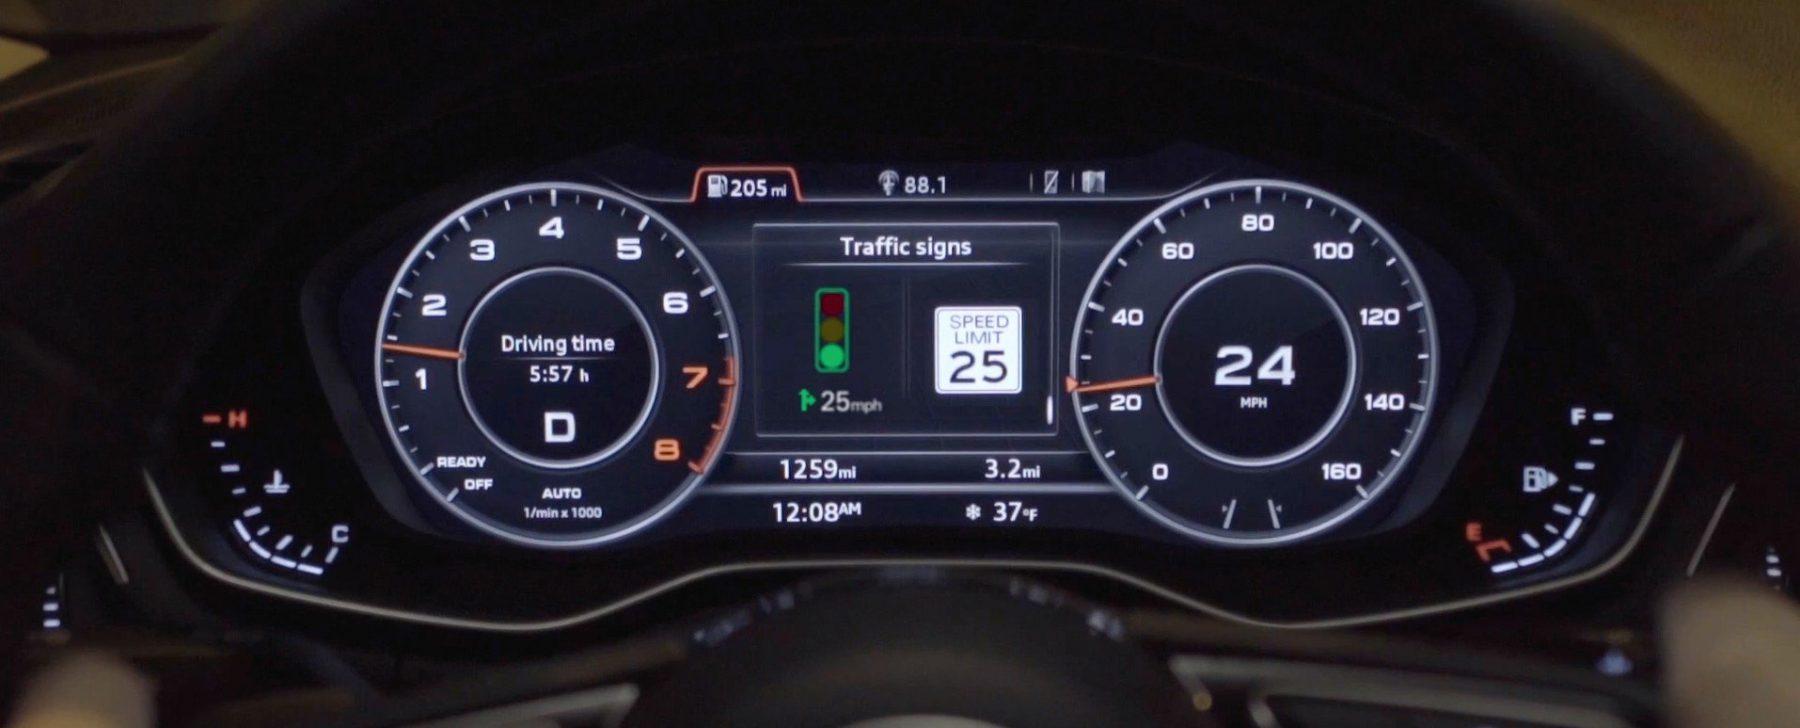 Audi semáforos